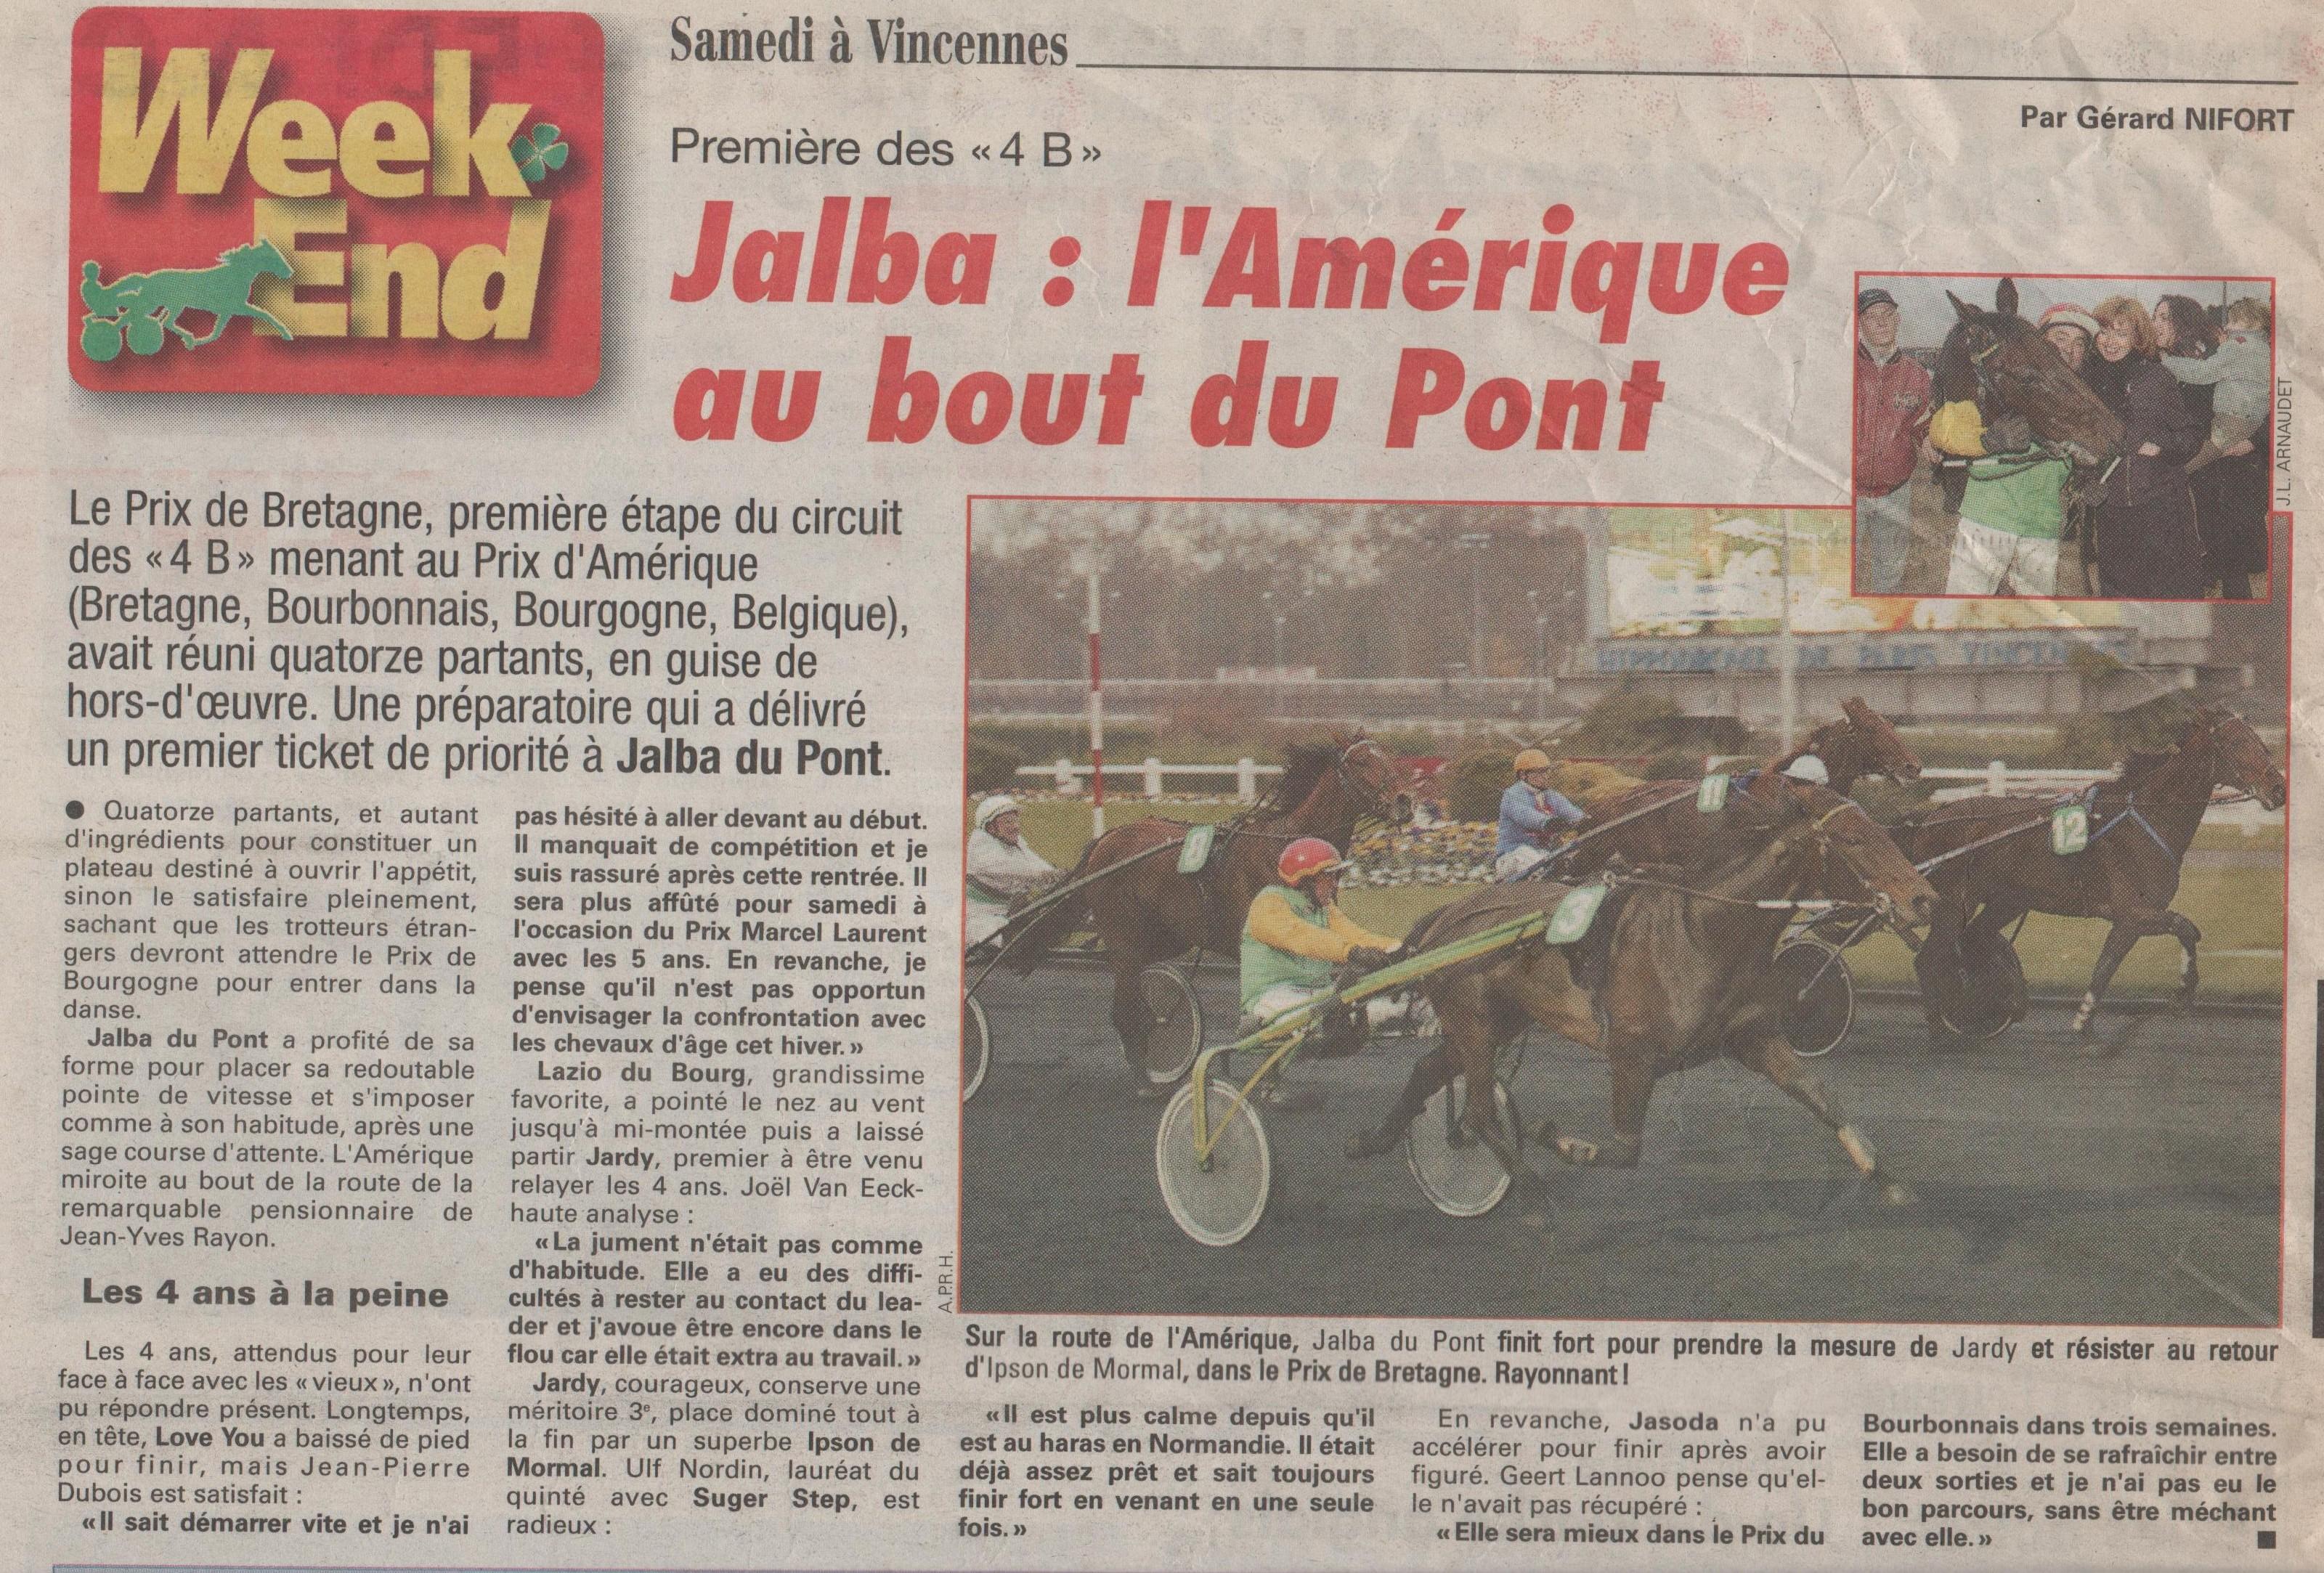 prix-de-bretagne-15-decembre-2003-jalba-du-pont-1-001